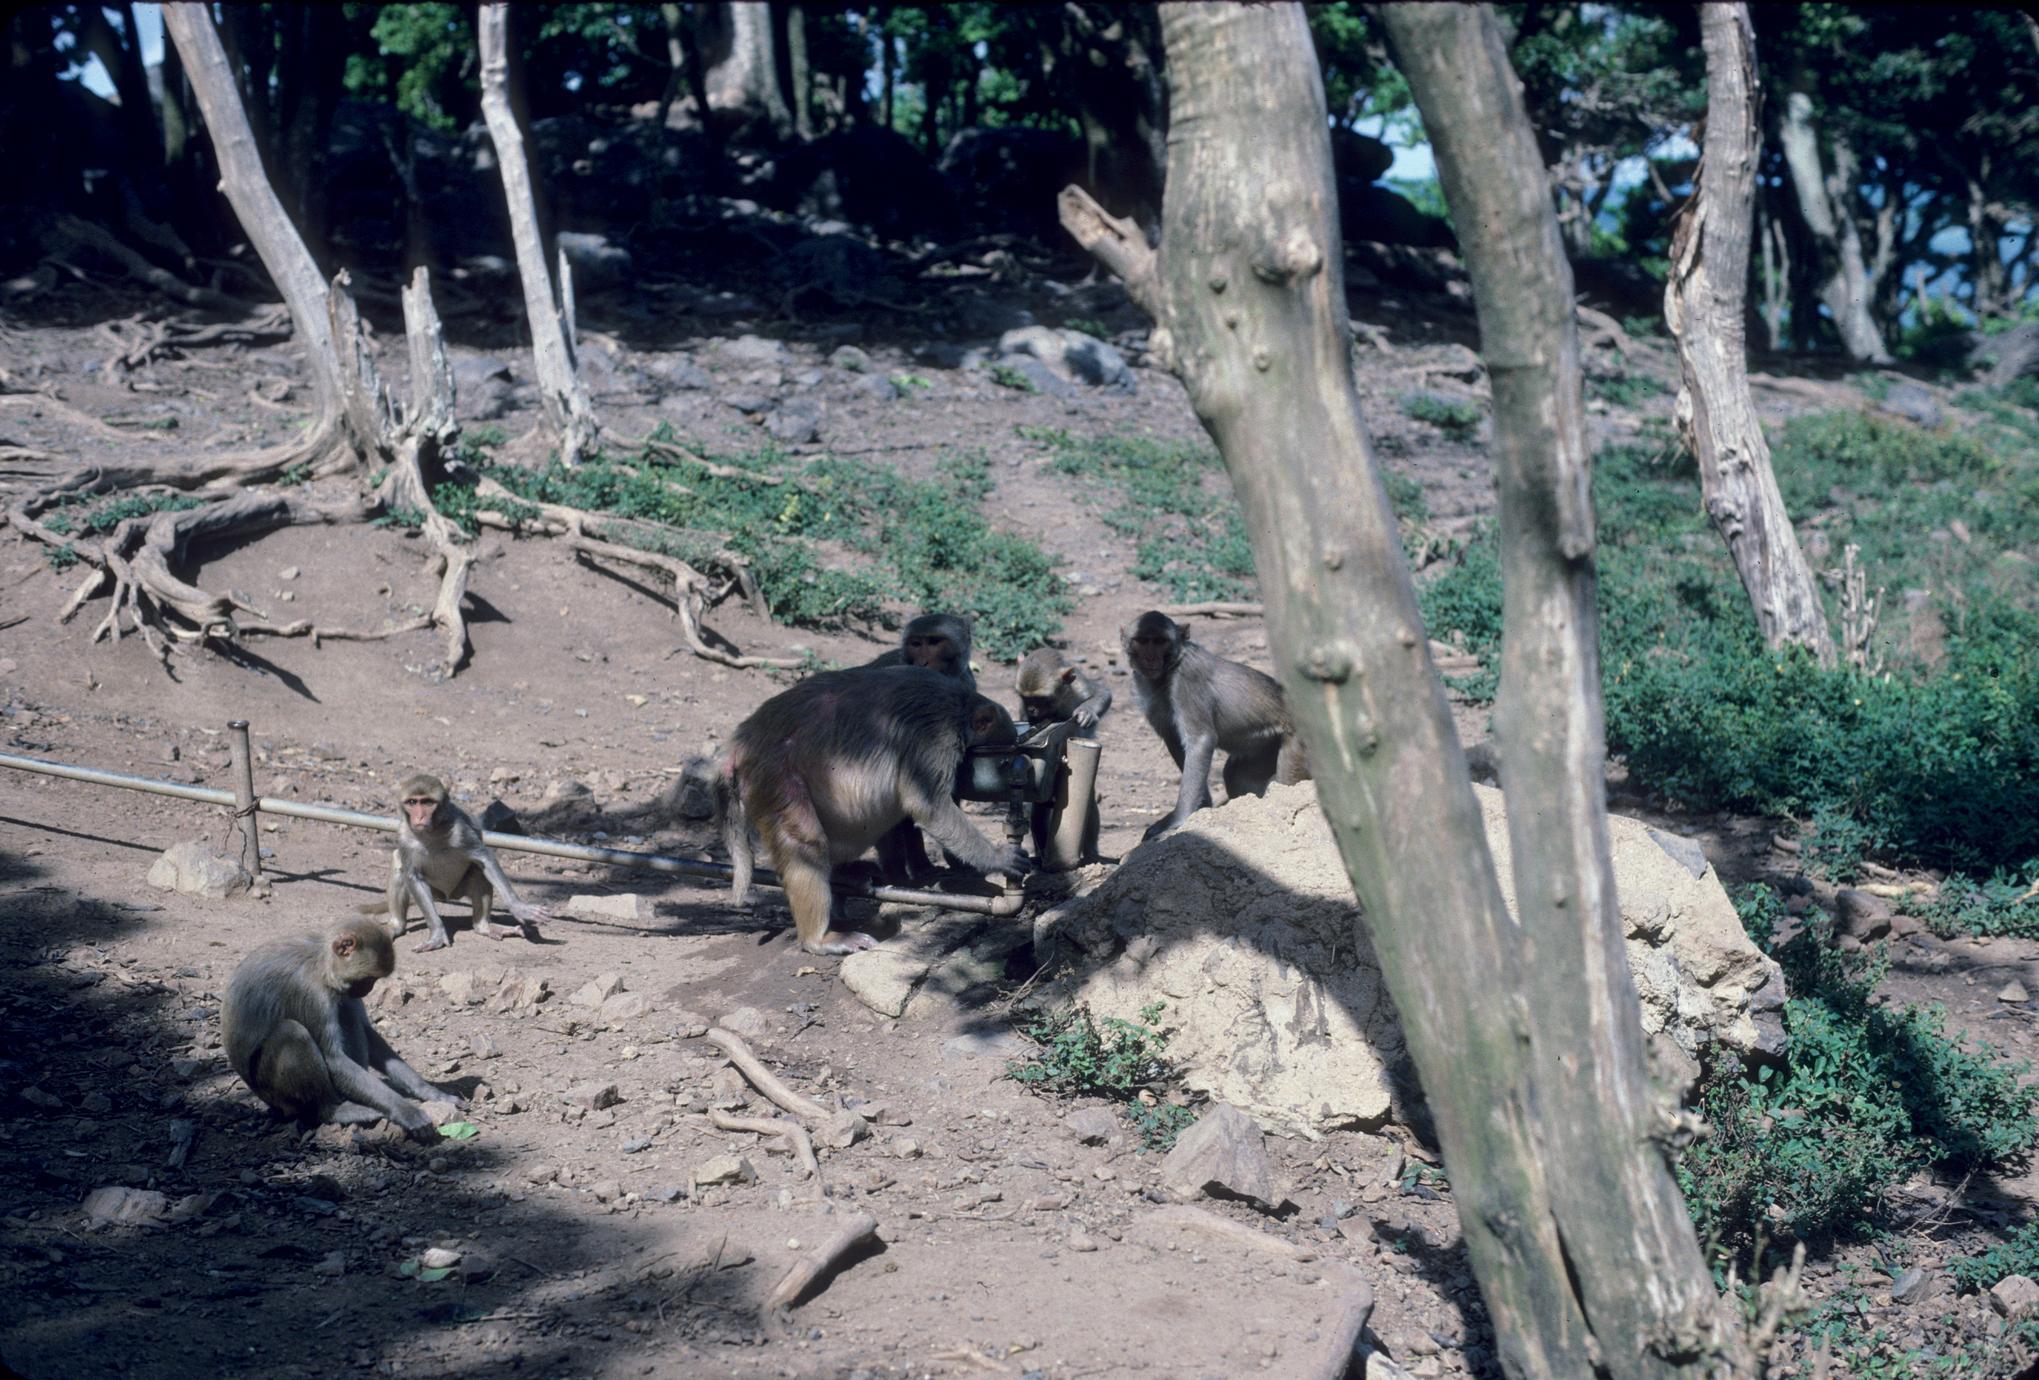 Macaca mulatta